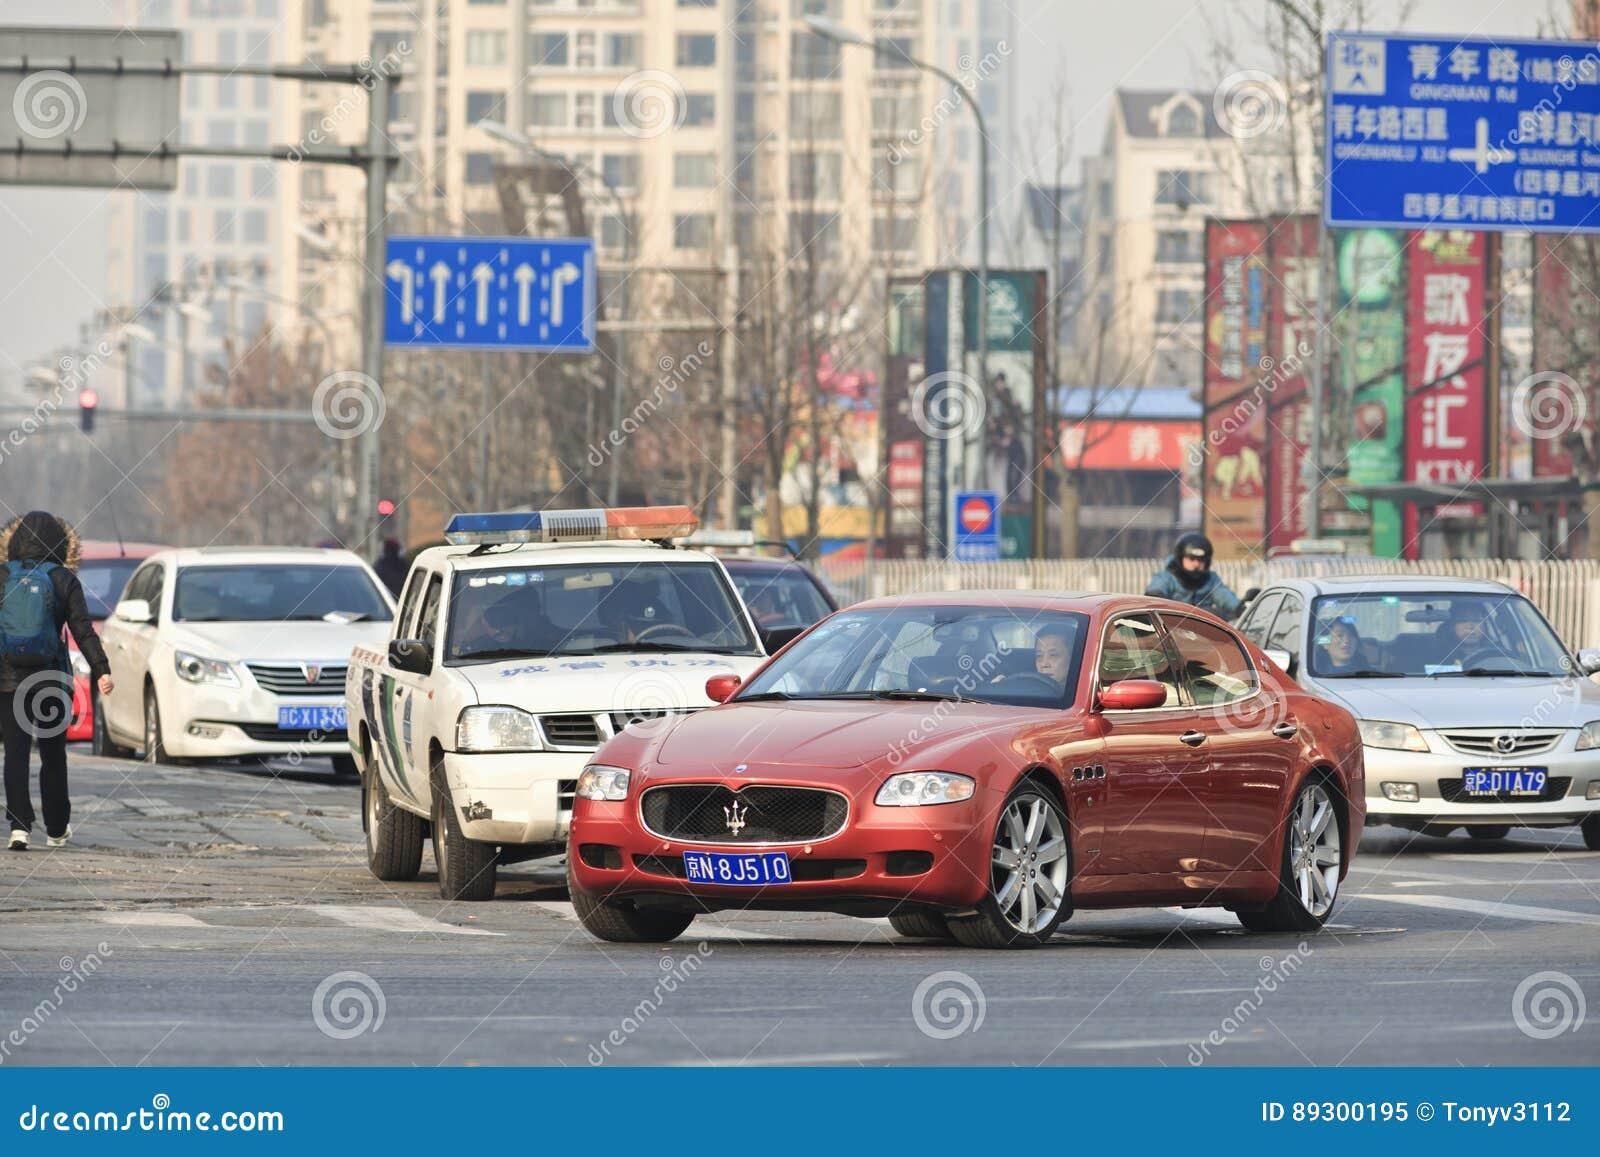 Maserati vermelho Quatroporte na rua, Pequim, China